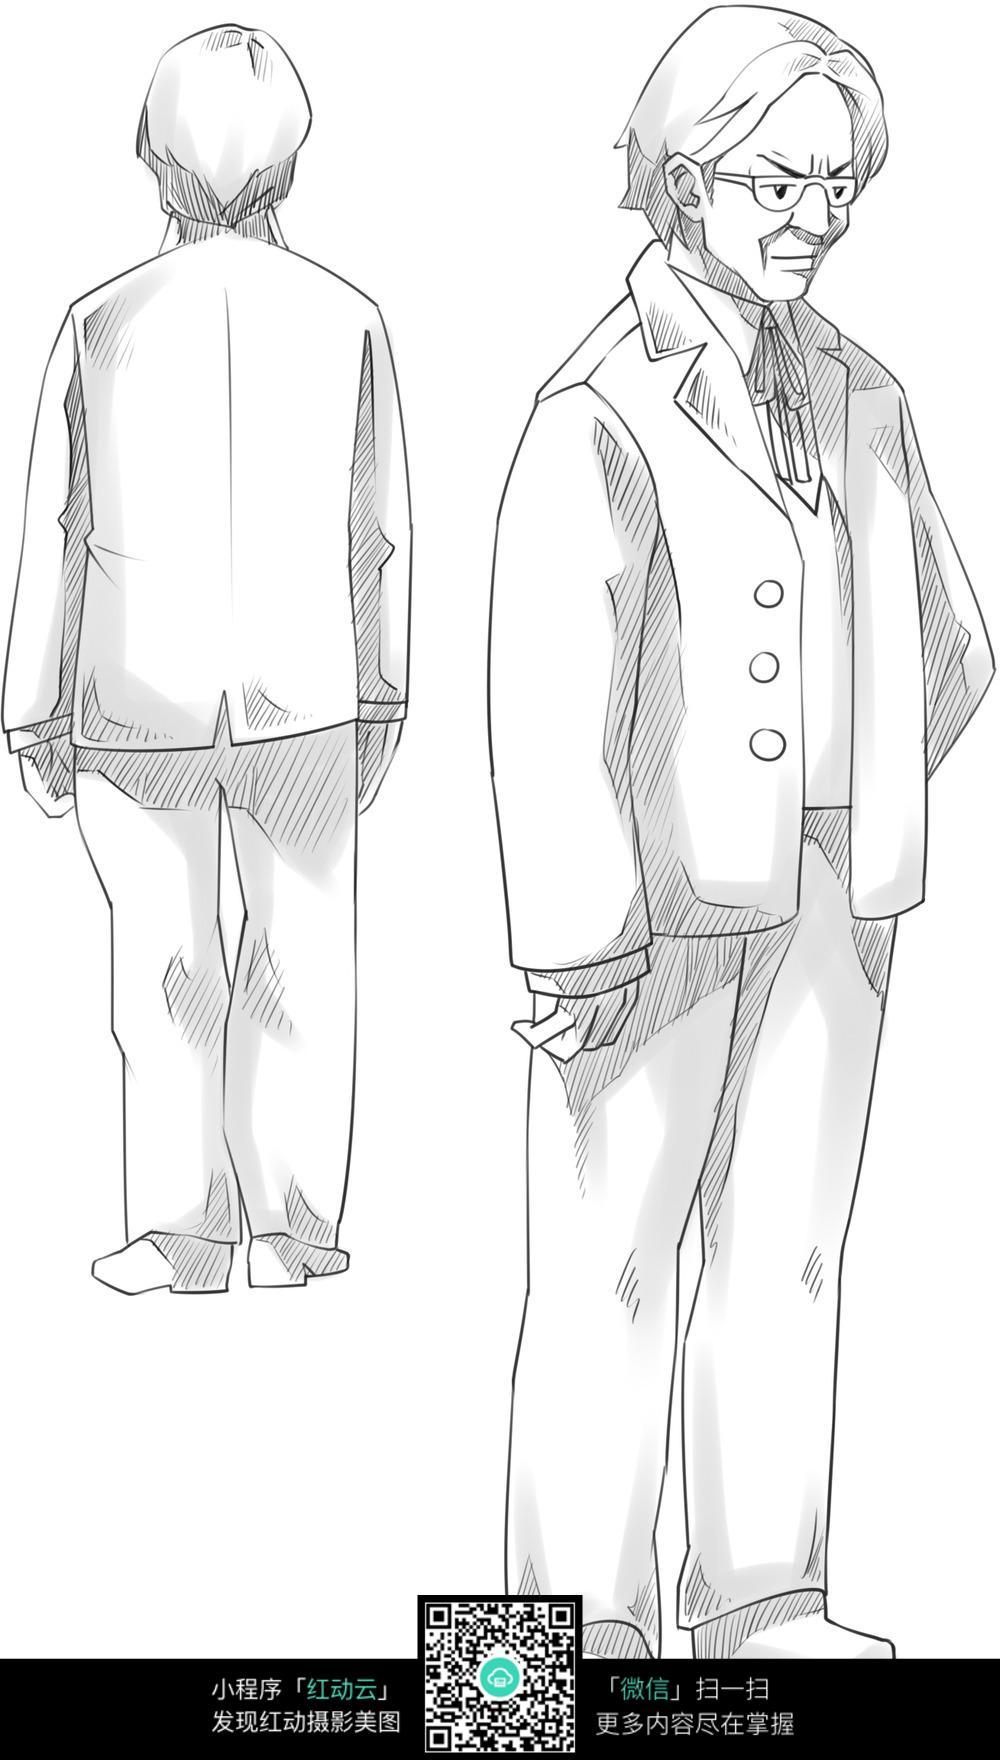 中年男子卡通手绘线稿